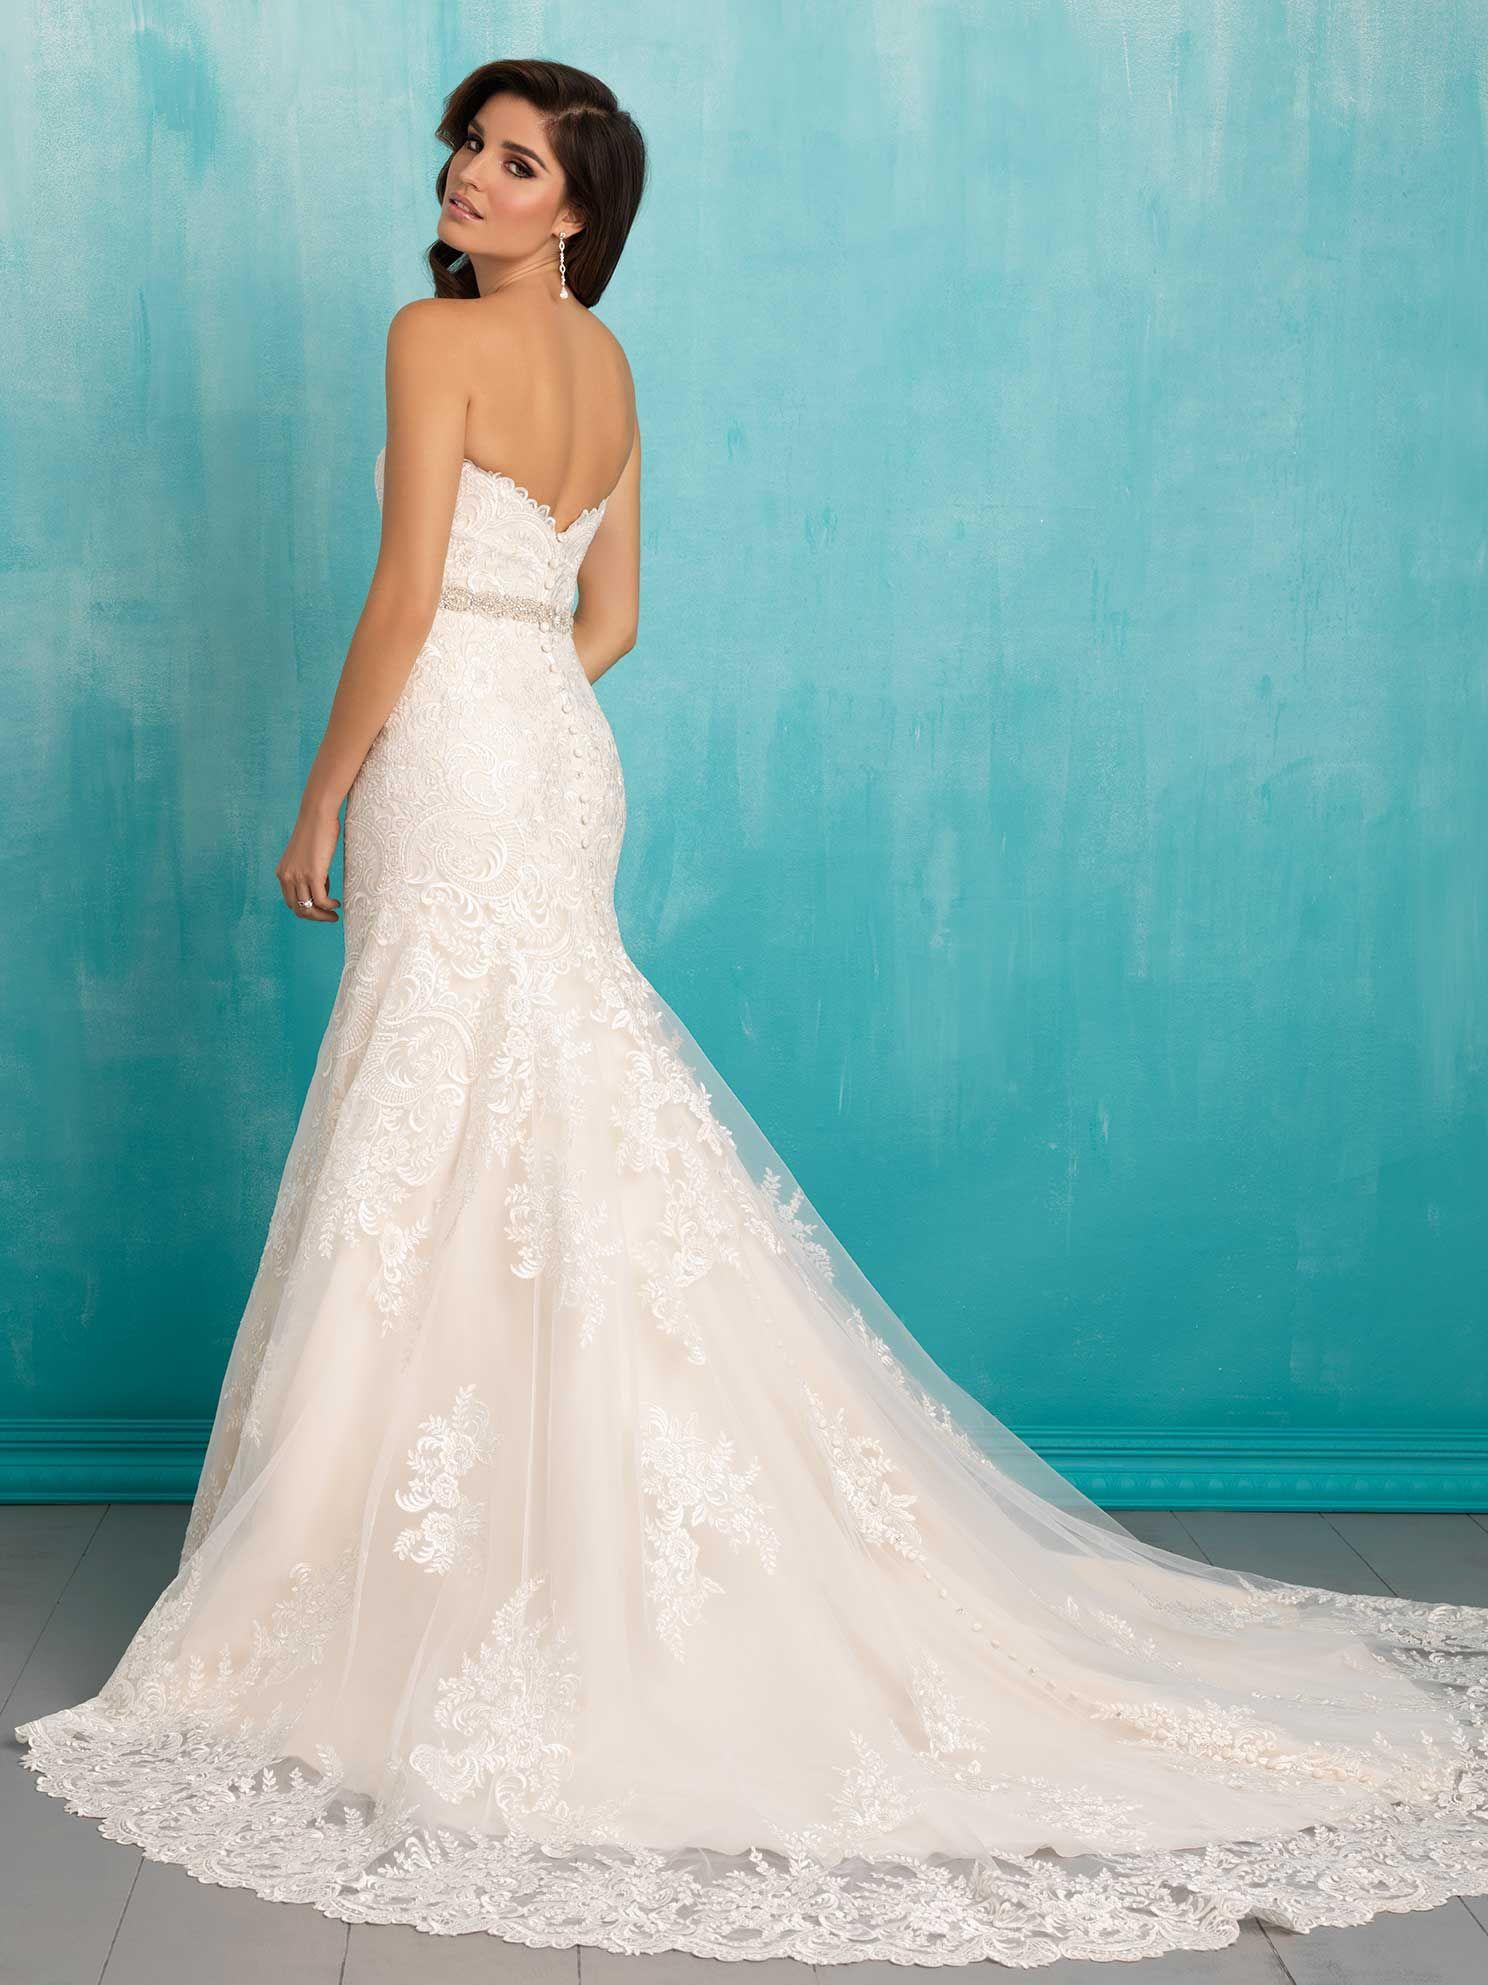 Allure 9302 Allure Wedding Dresses Allure Bridal Allure Bridal Wedding Dress